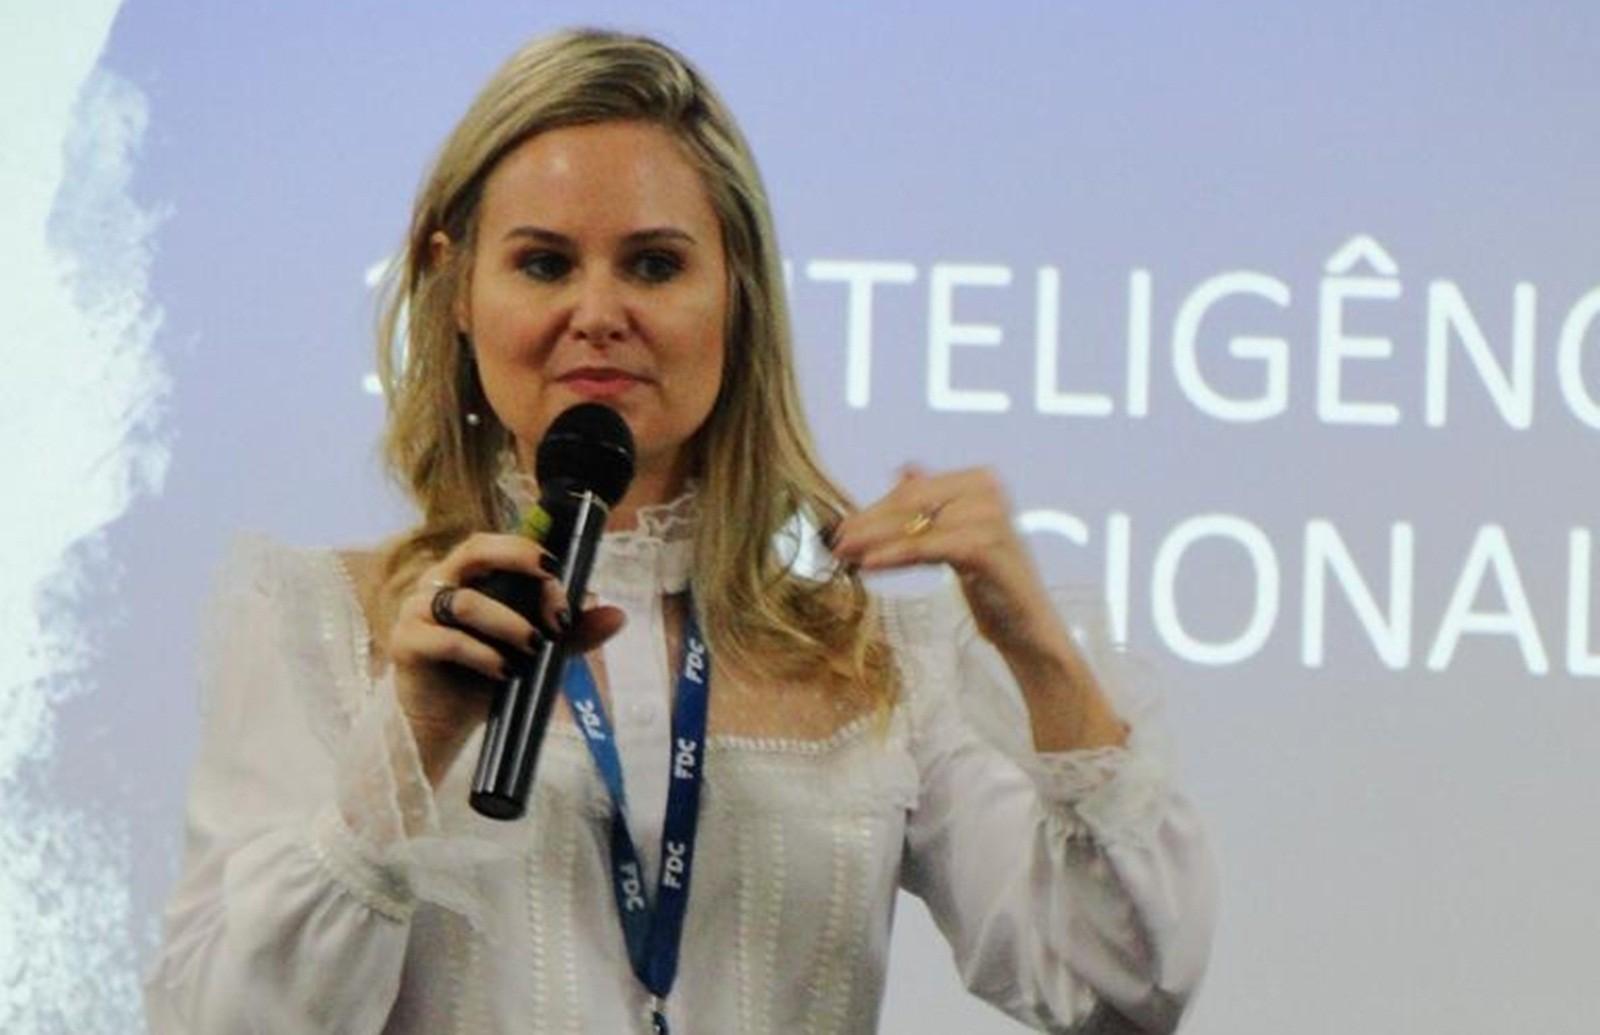 Evento sobre gestão de conflitos e inteligência emocional acontece em Campina Grande - Notícias - Plantão Diário